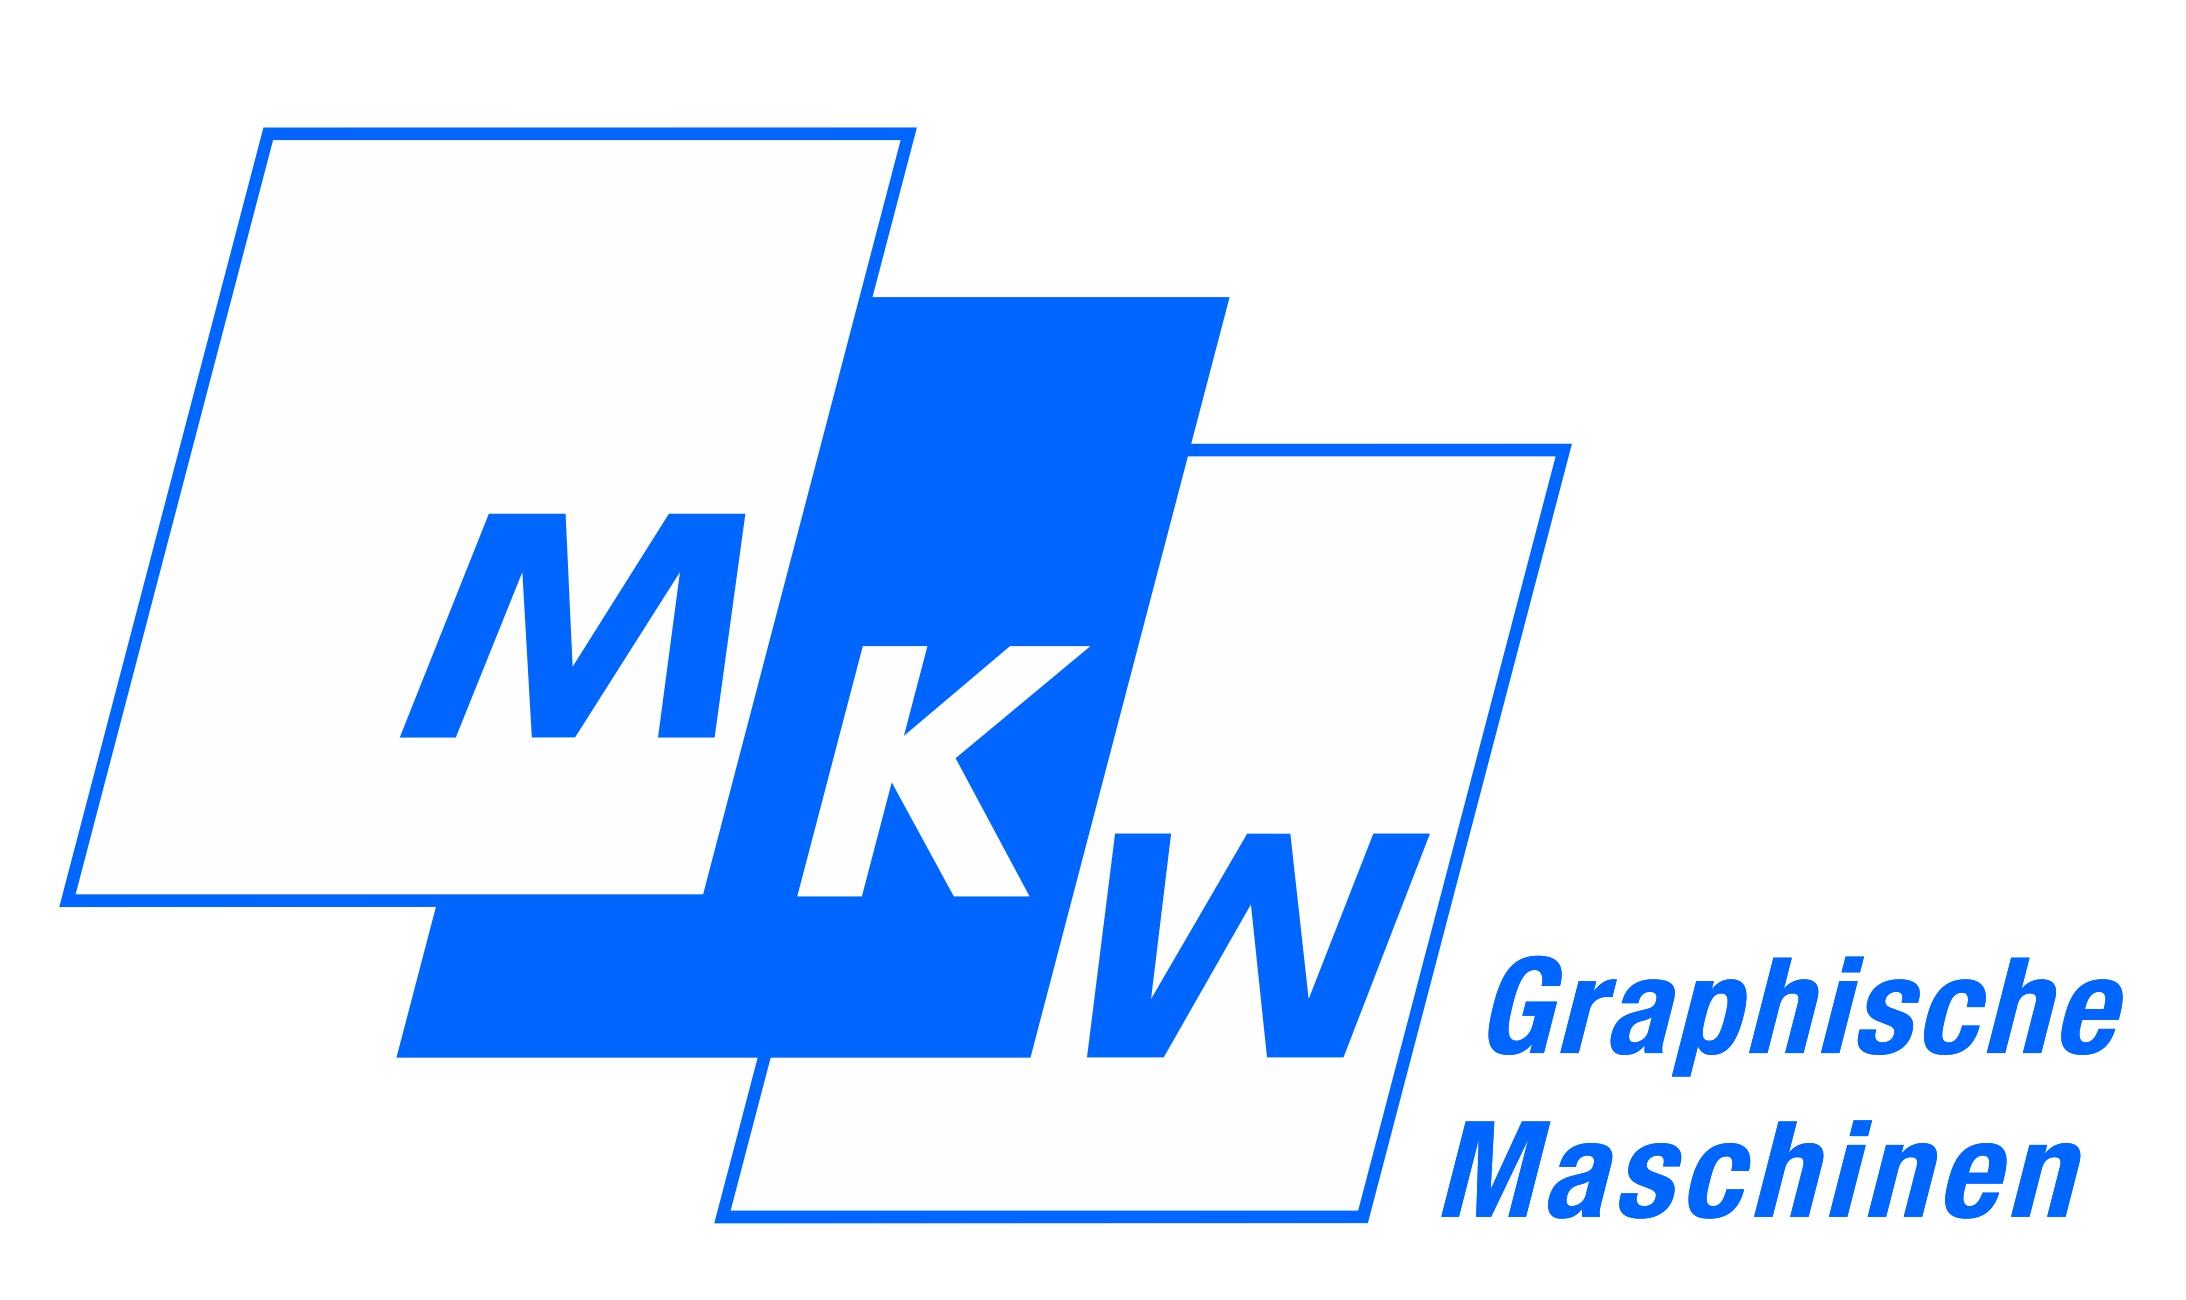 MKW-grafische-maschinen